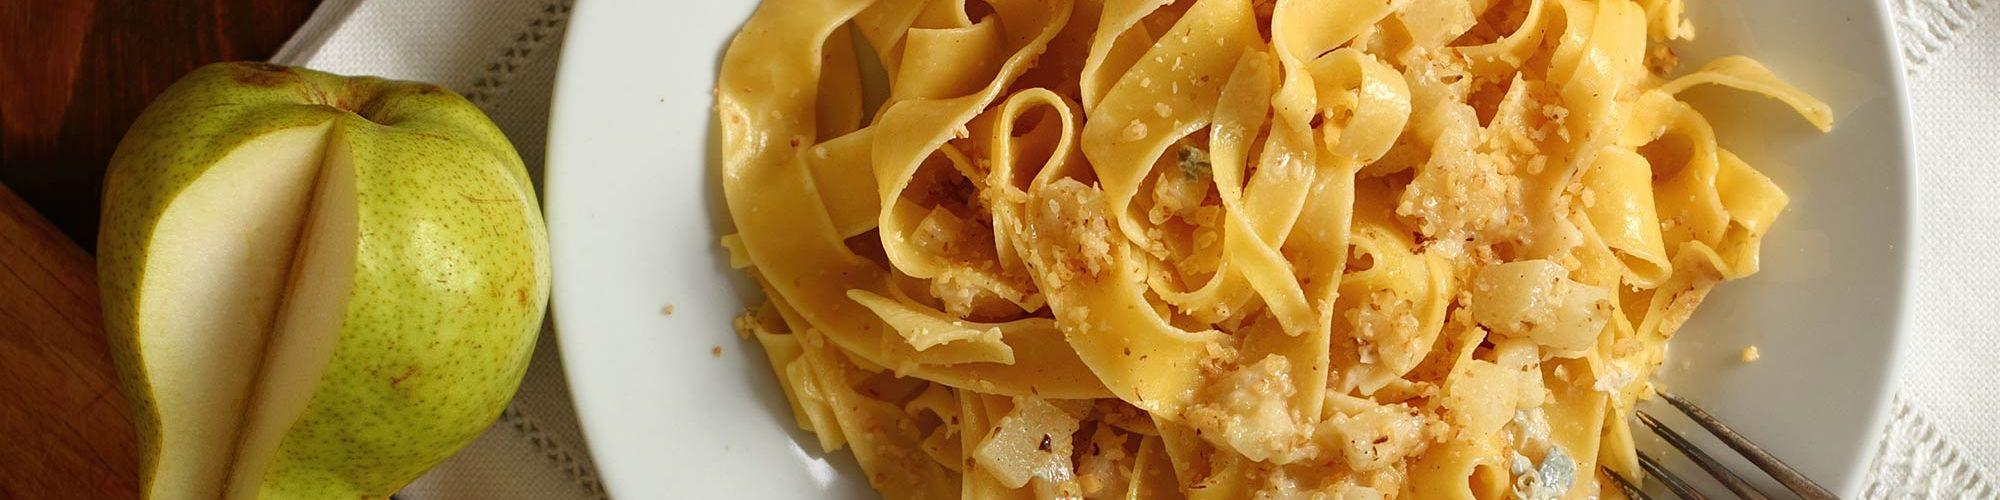 ricetta Pappardelle al gorgonzola, pere e noci con pasta fresca